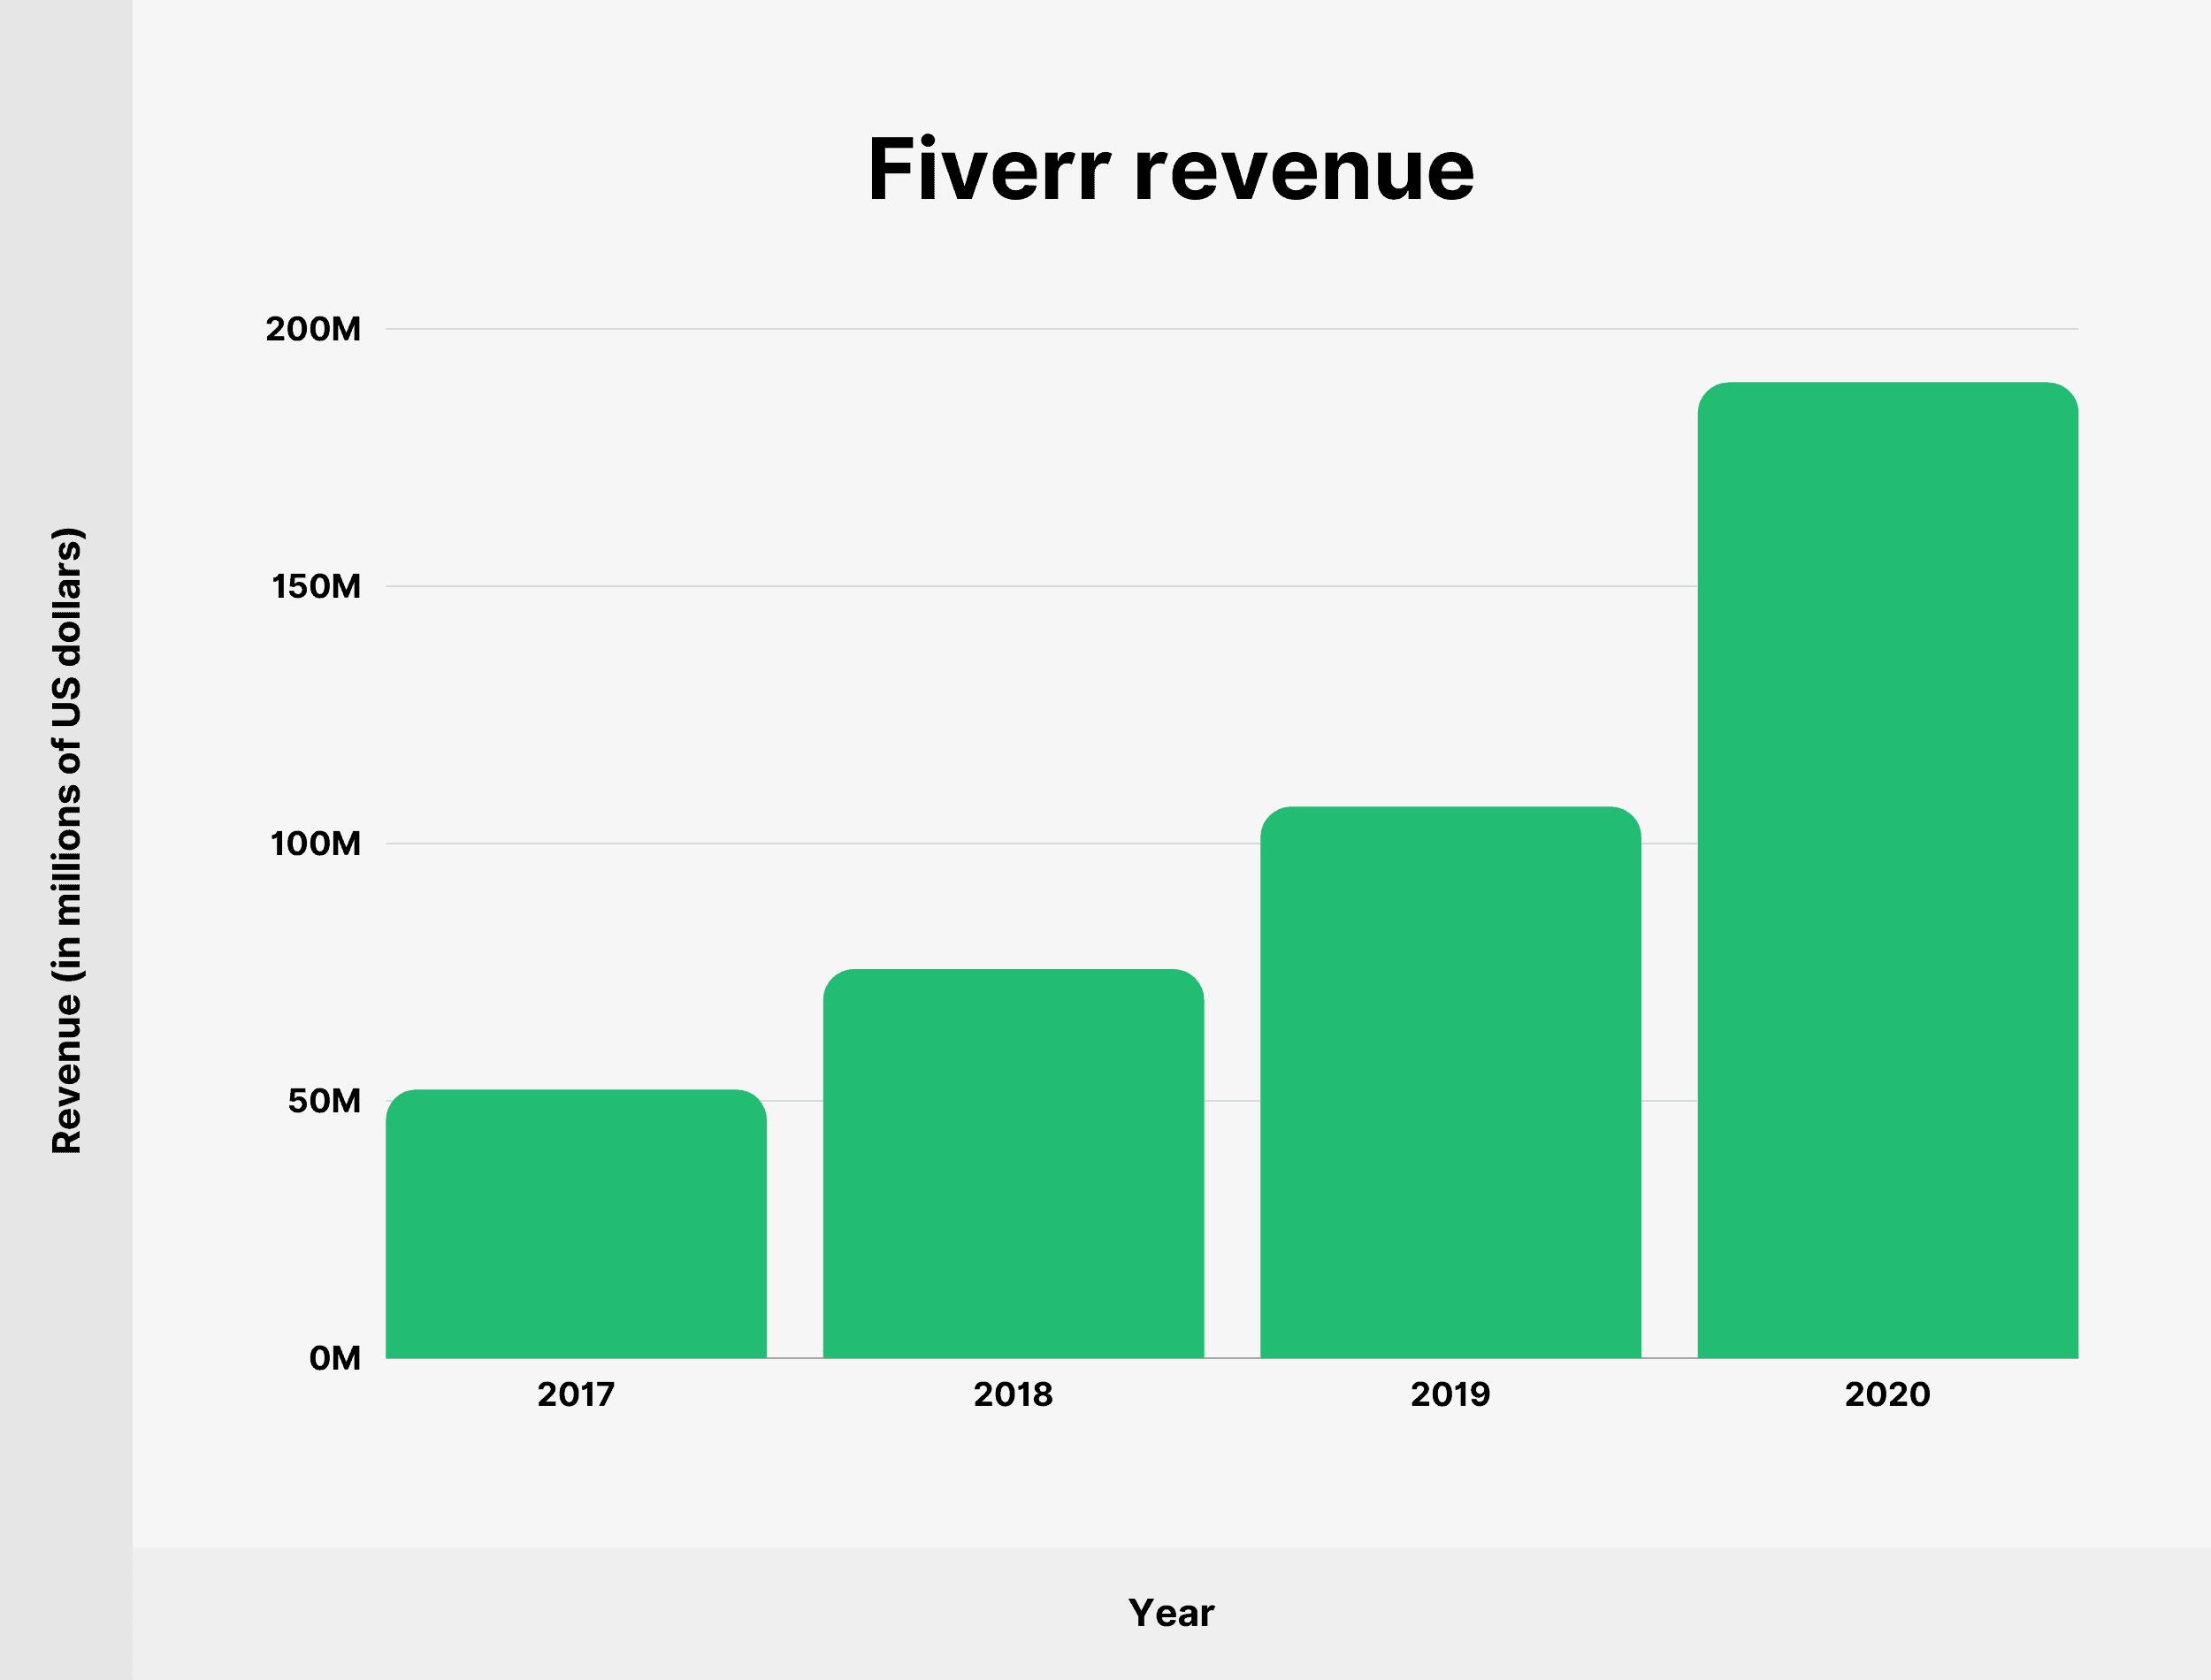 Fiverr revenue